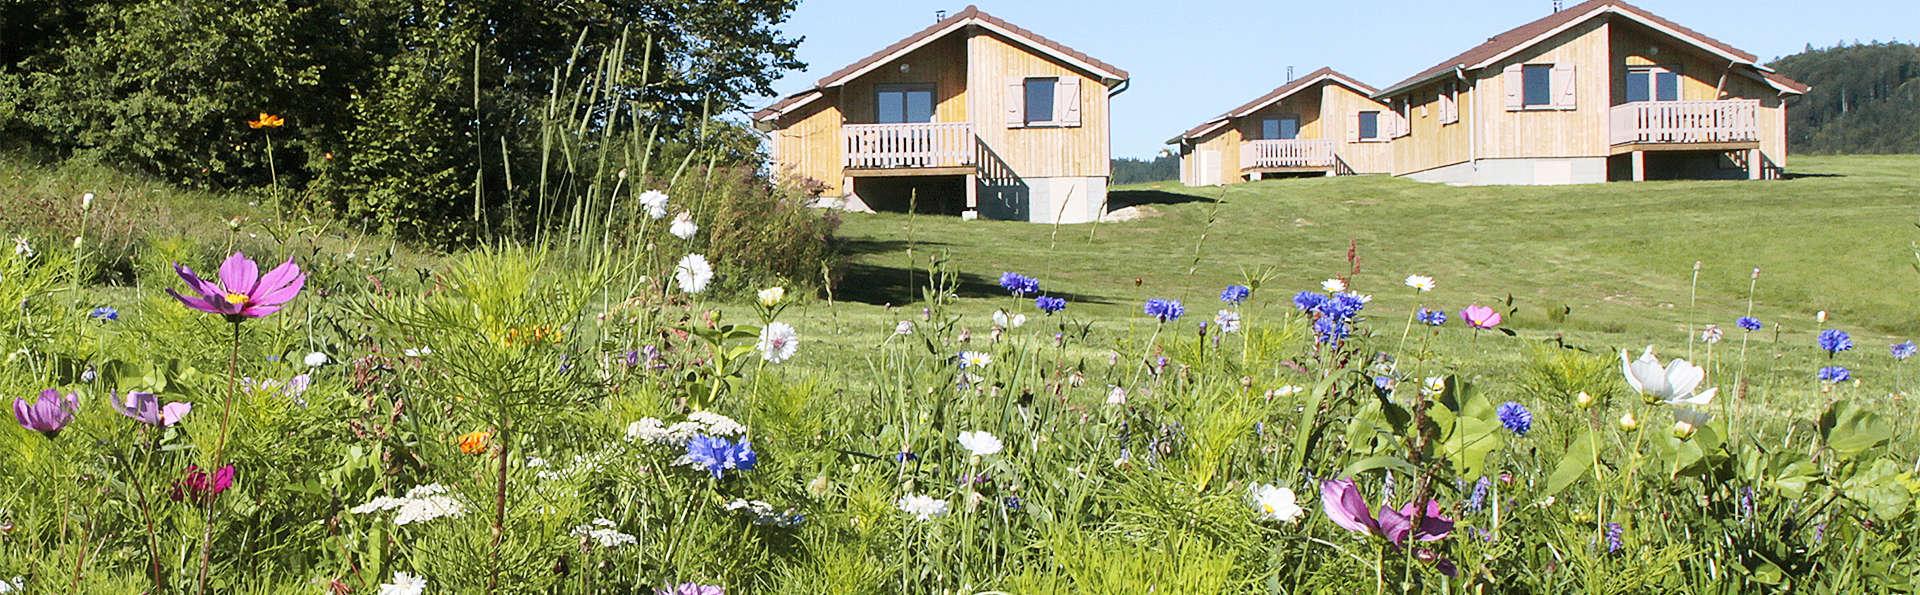 Chalet privado en el corazón del Parque Natural del Alto-Jura